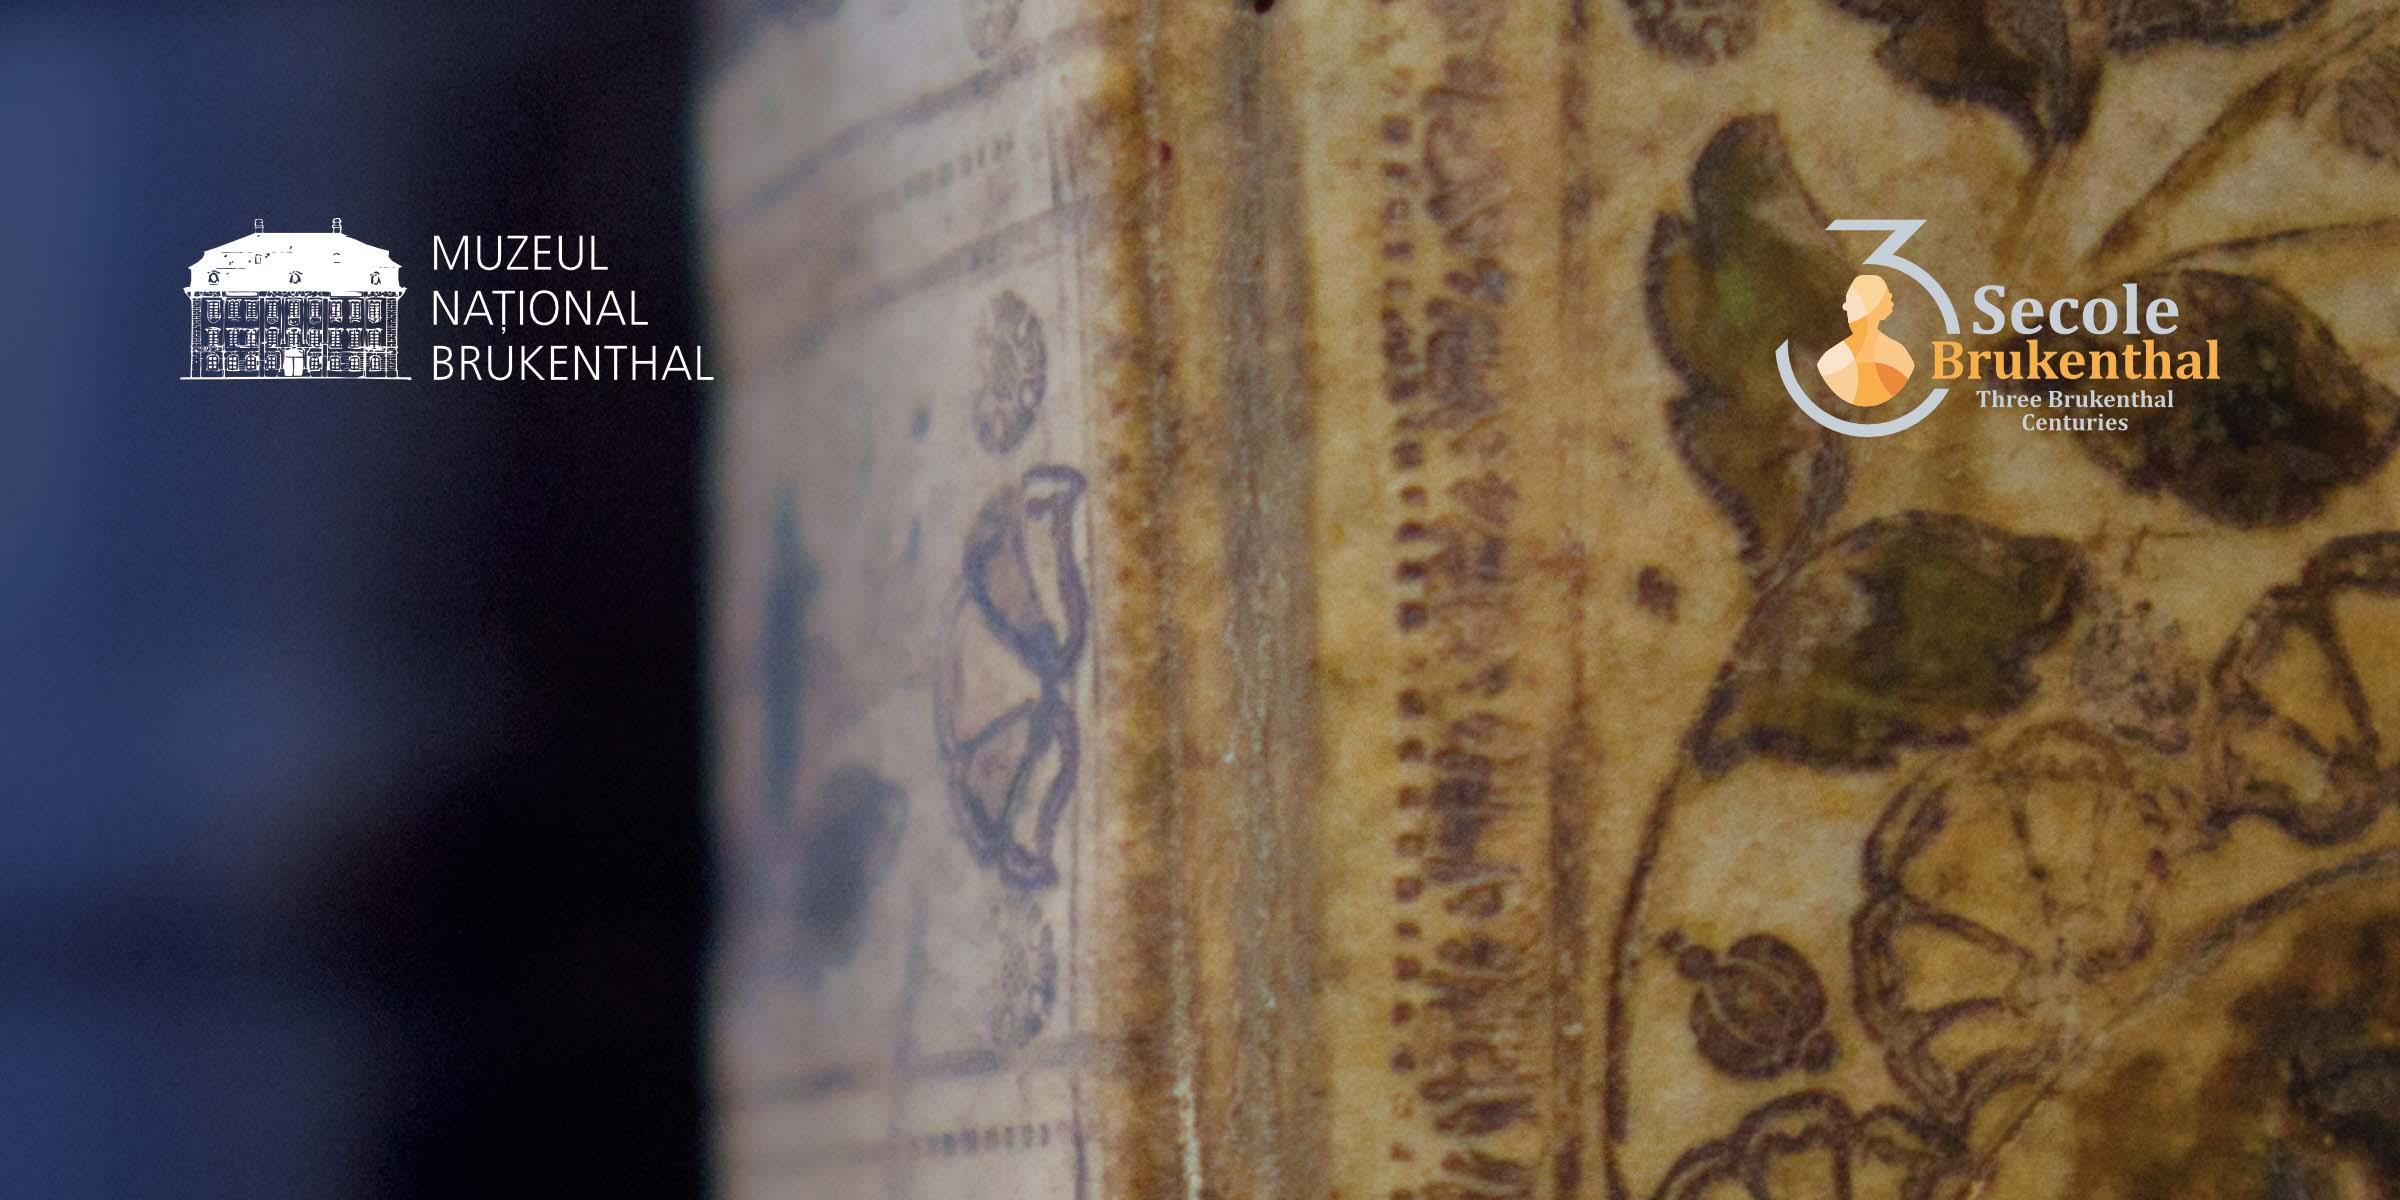 Istoria Transilvaniei văzută prin intermediul hărţilor, cărţilor şi gravurilor din sec XVI-XVIII